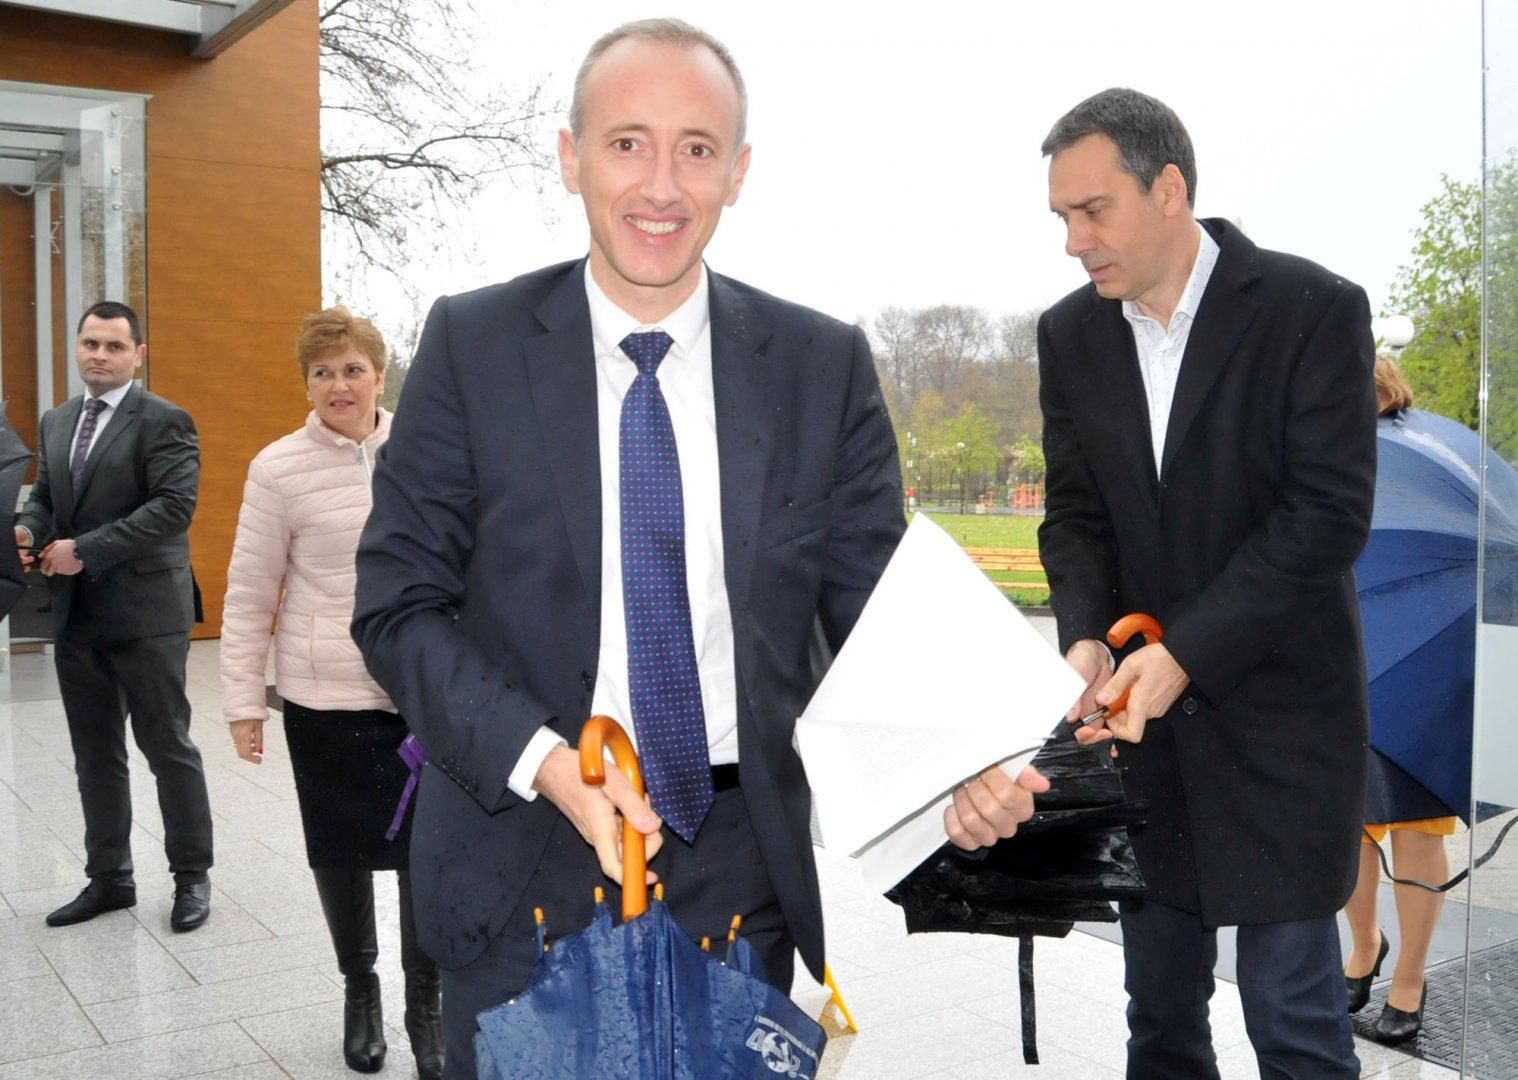 Дъждът не развали настроението на министъра на образованието. Снимки Лина Главинова